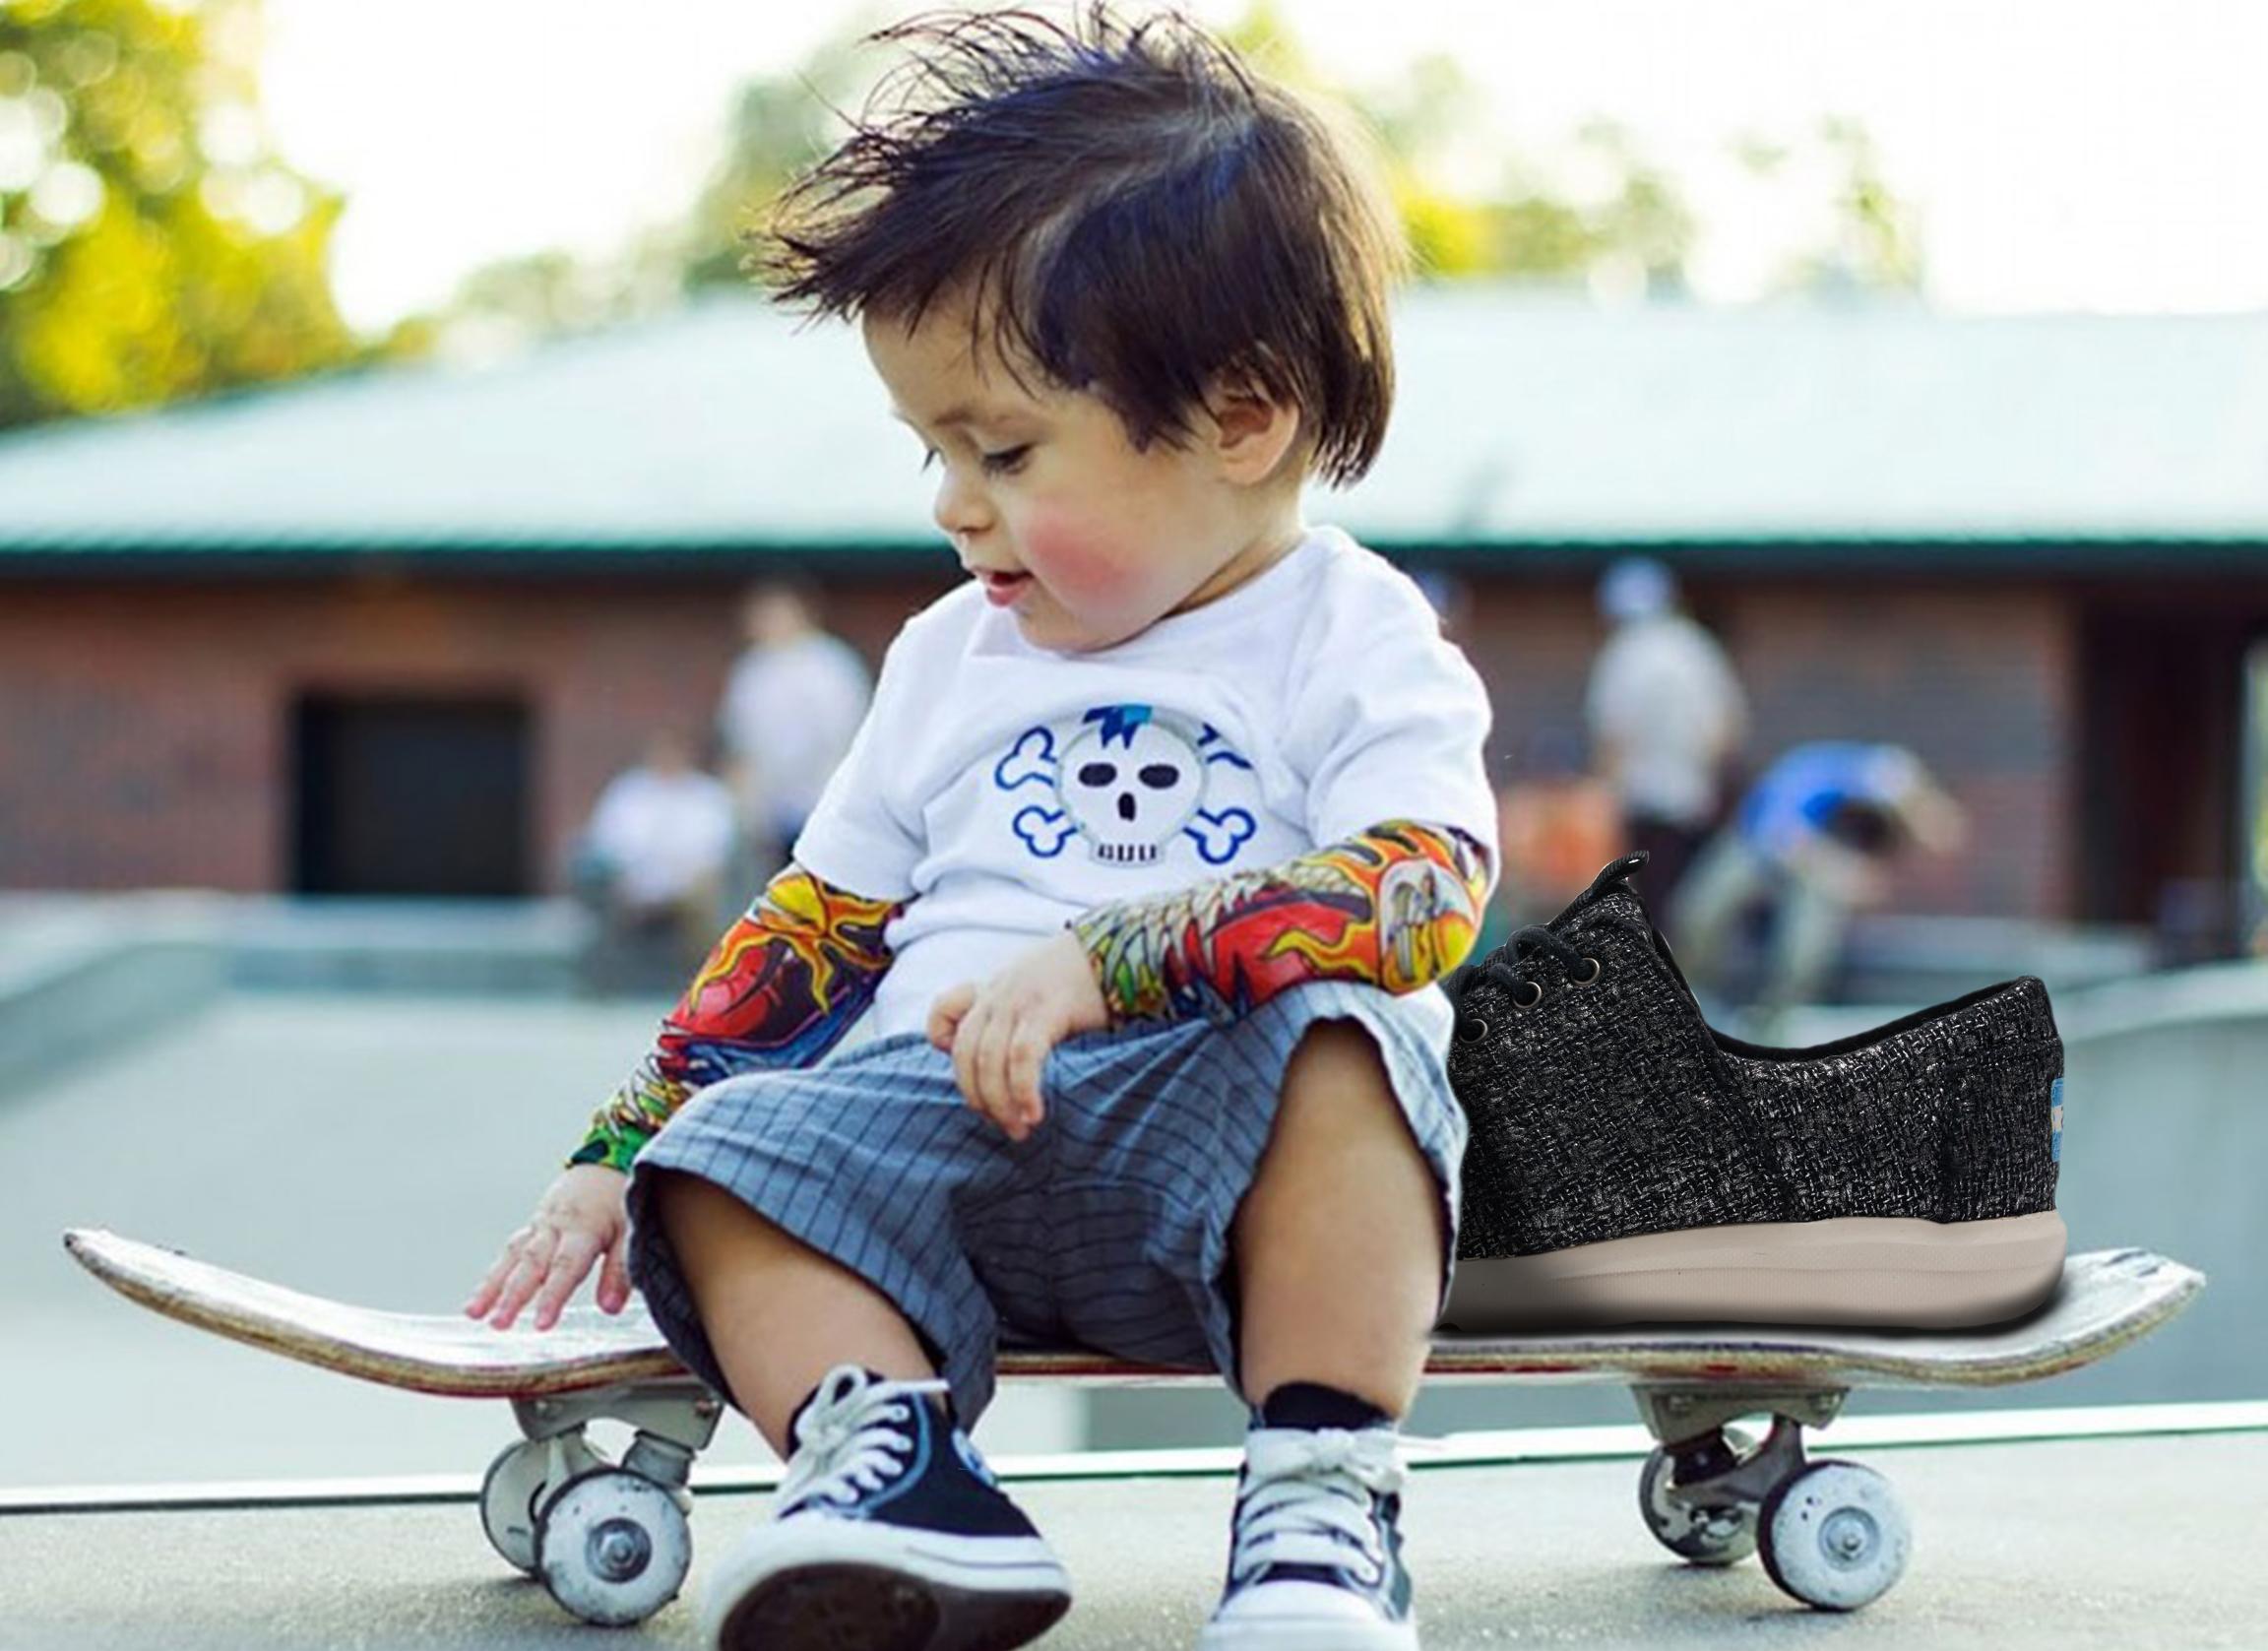 zu jung für ein Sneakerhead Dasein